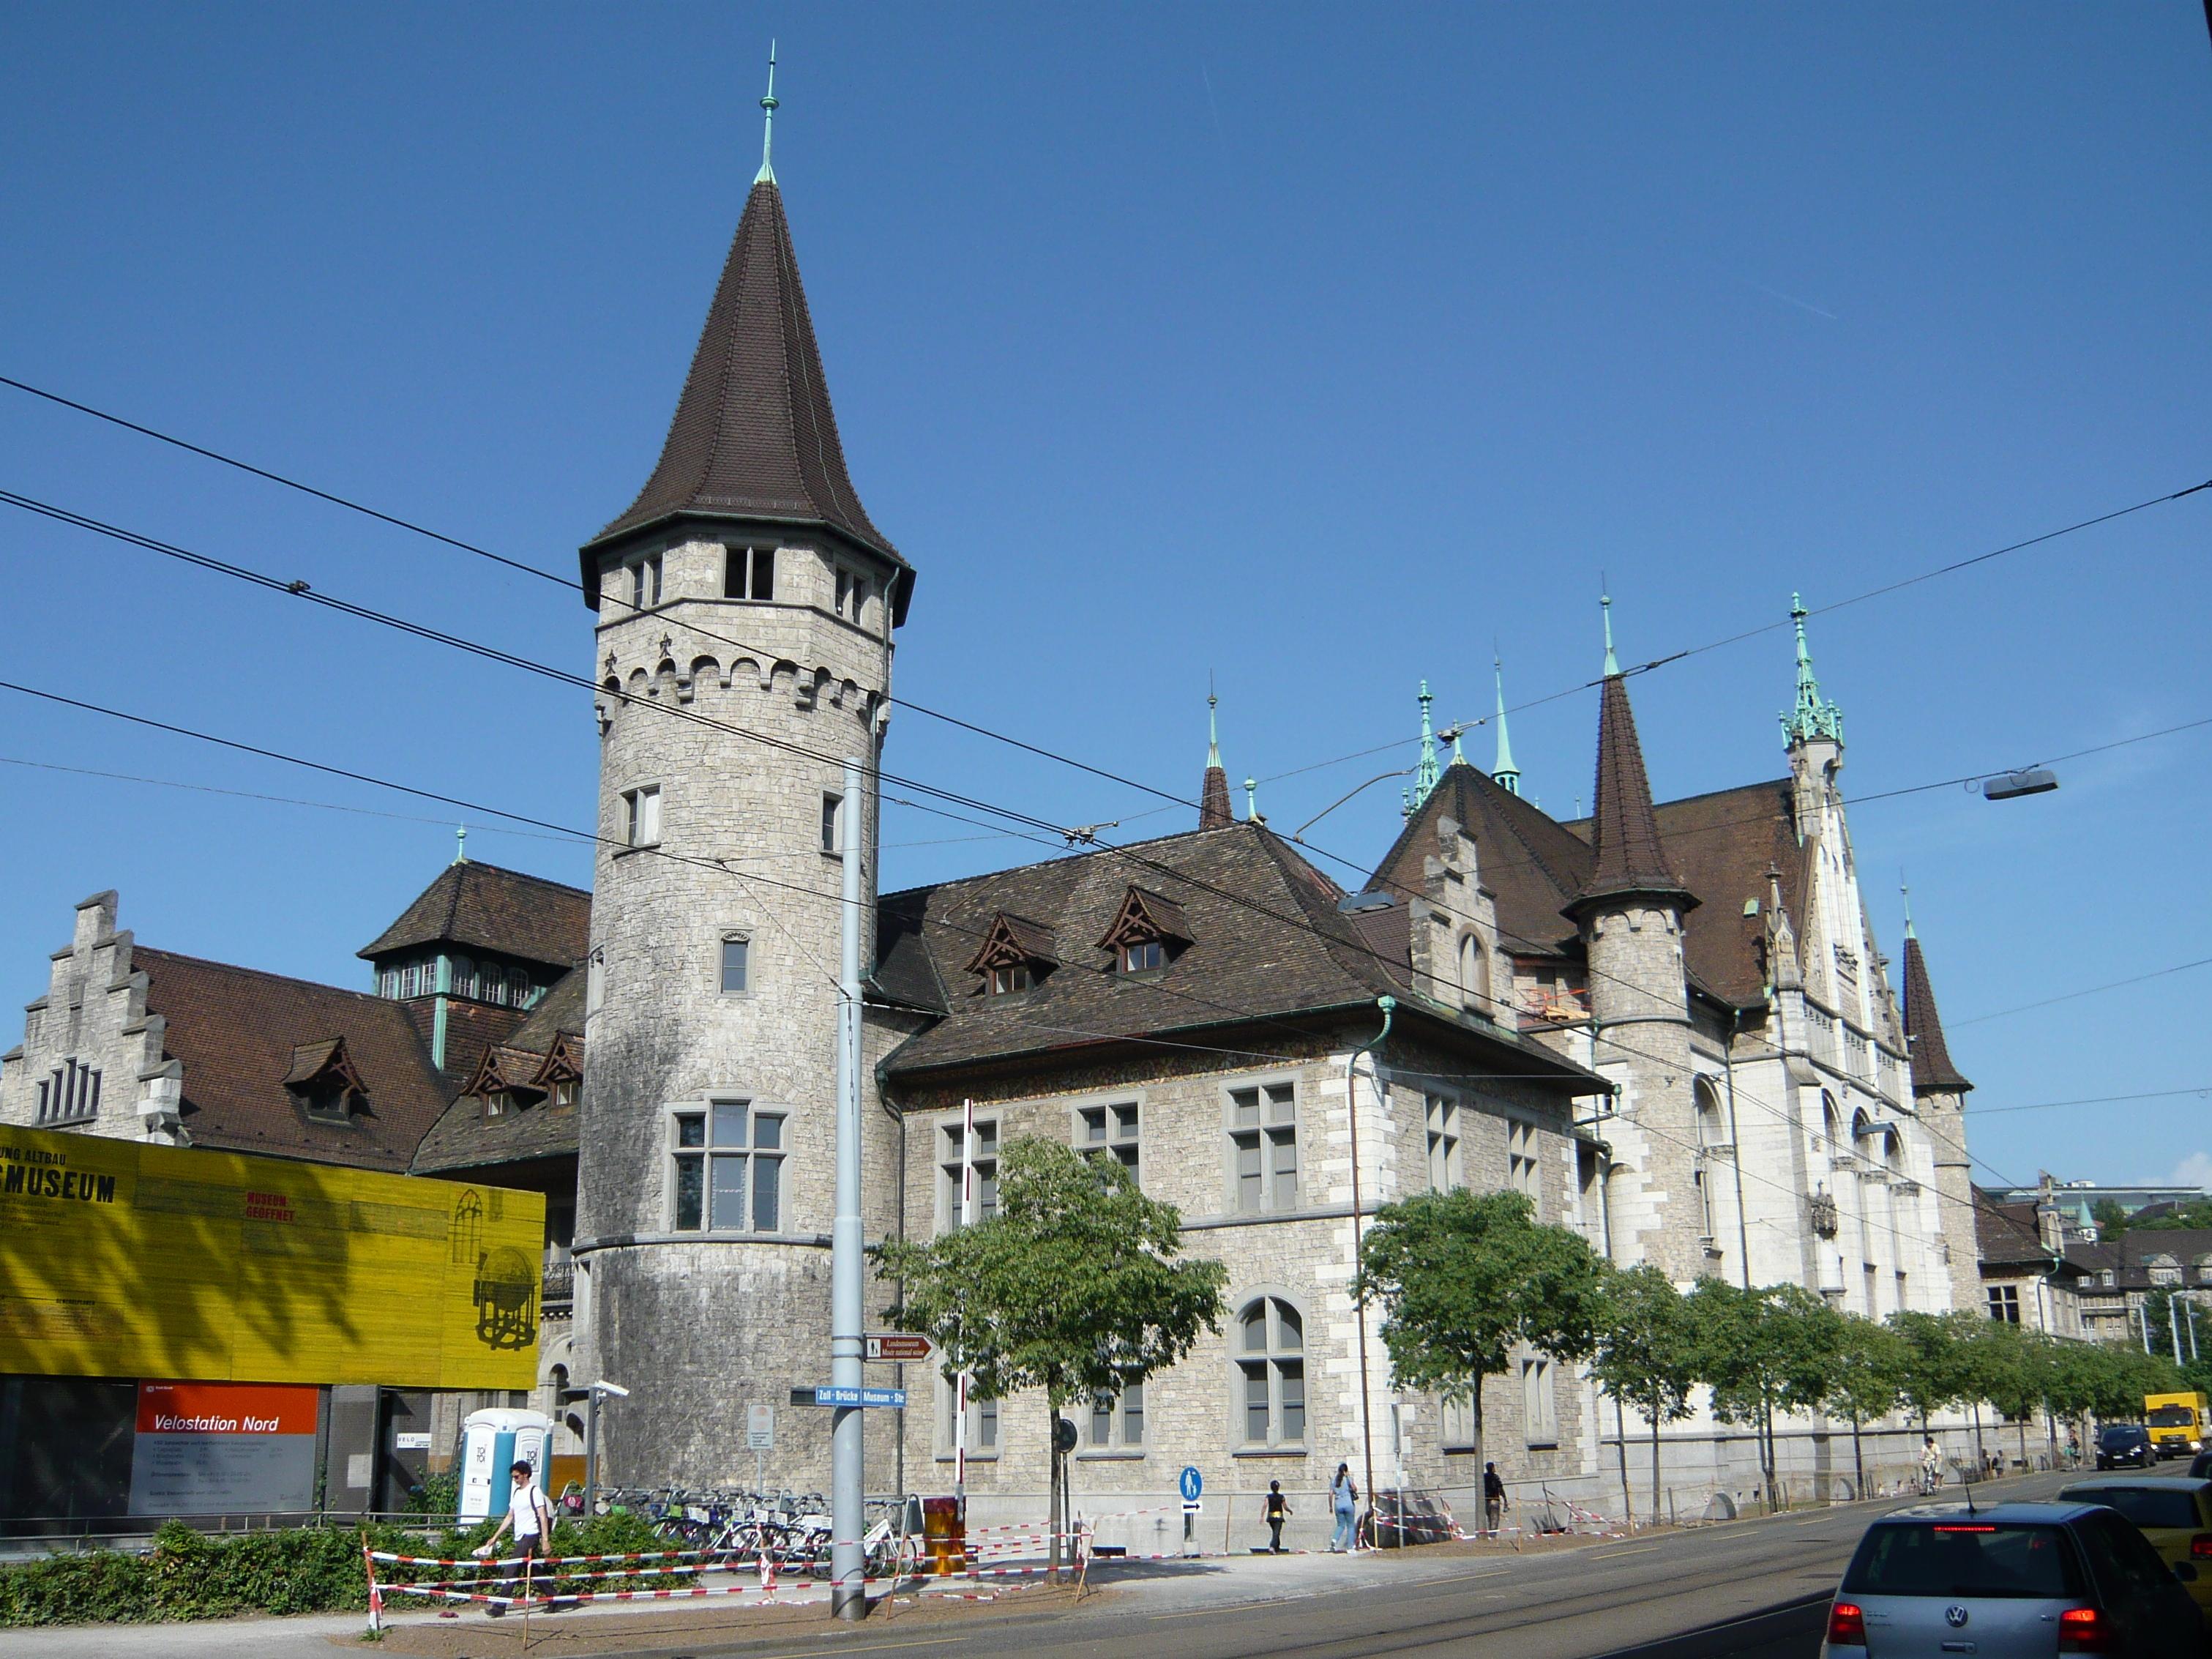 Ελβετικό Εθνικό Μουσείο